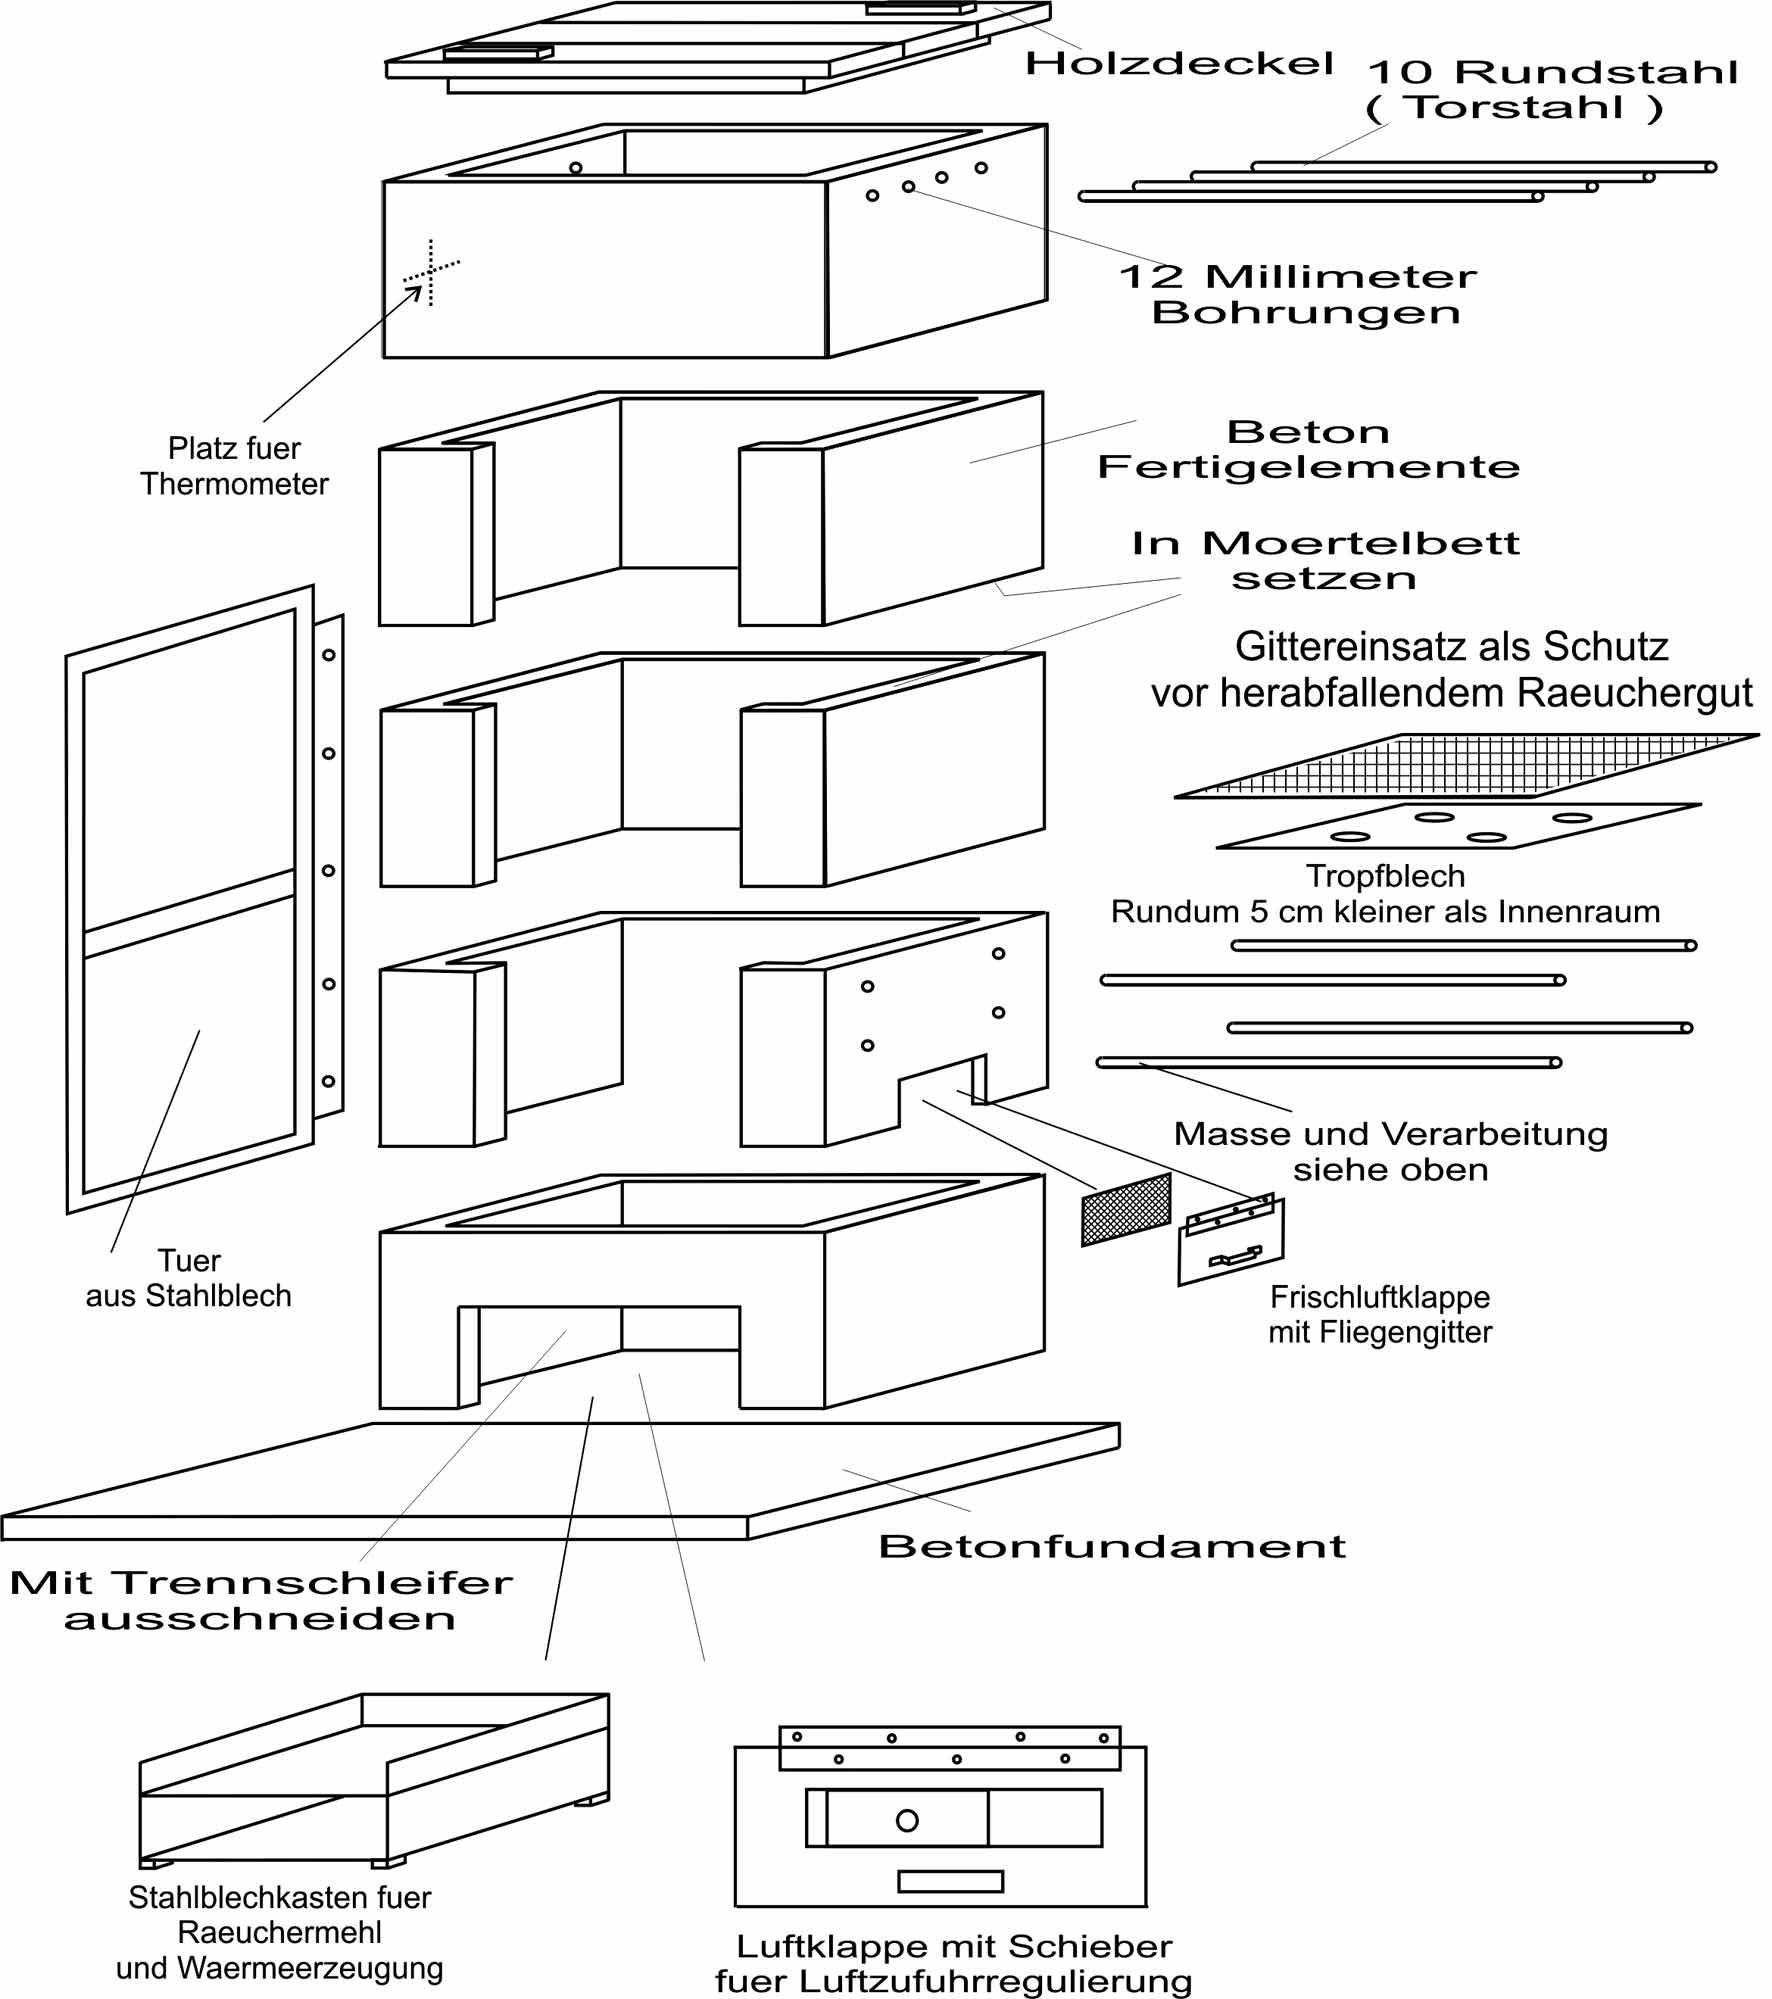 raeuchereinrichtung mit einfachen betonelementen aus dem baumarkt fuer kleines geld schnell. Black Bedroom Furniture Sets. Home Design Ideas